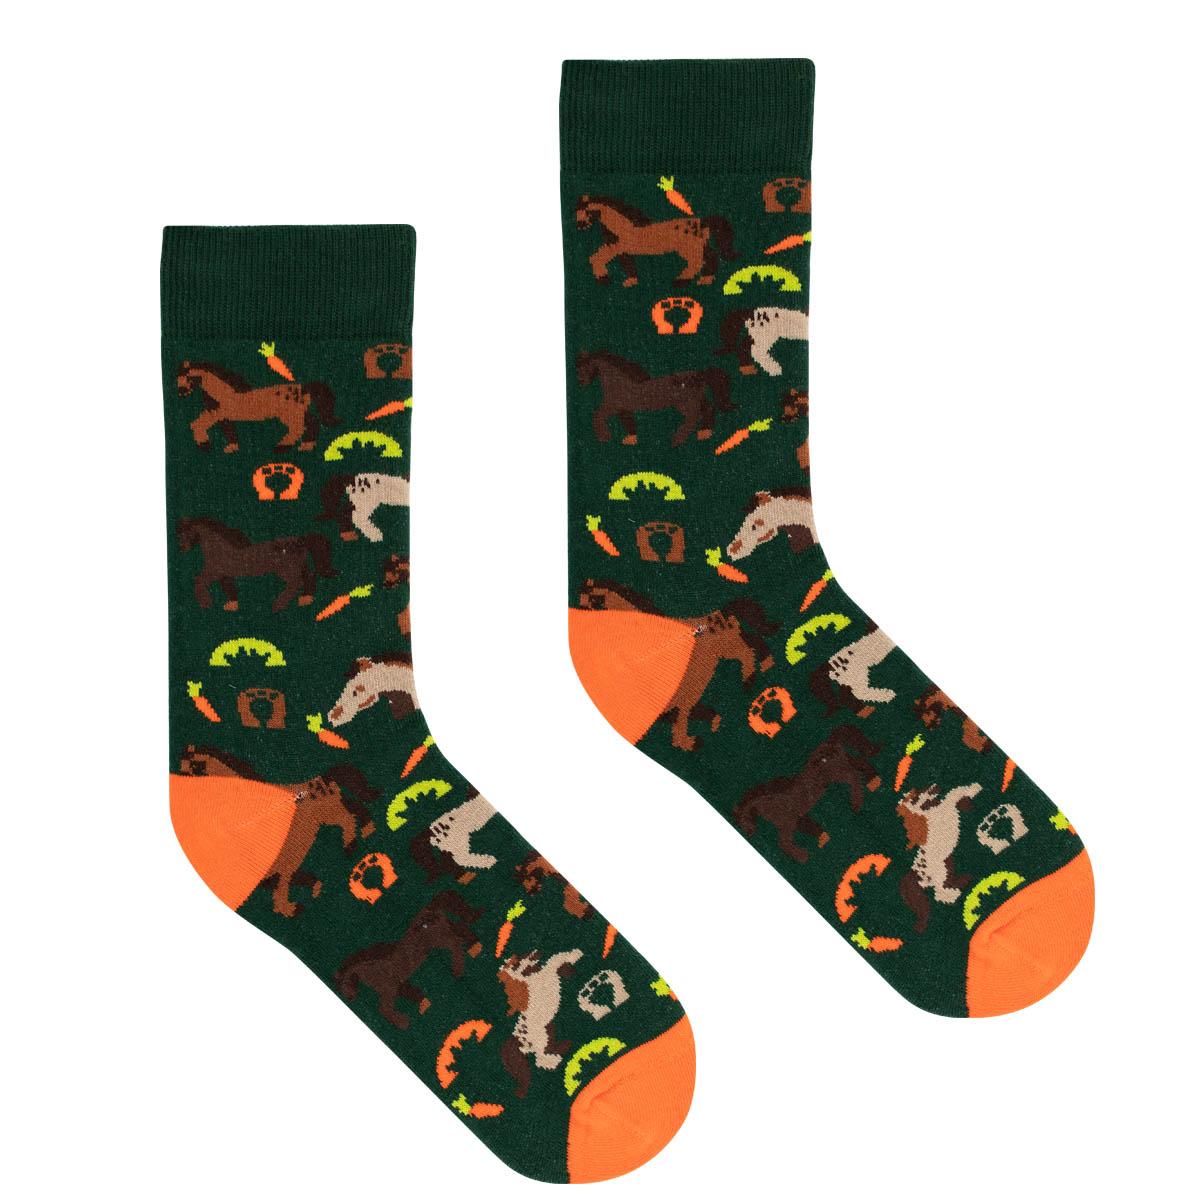 socks_patterned_horses_36-41_kabak_5903678204051